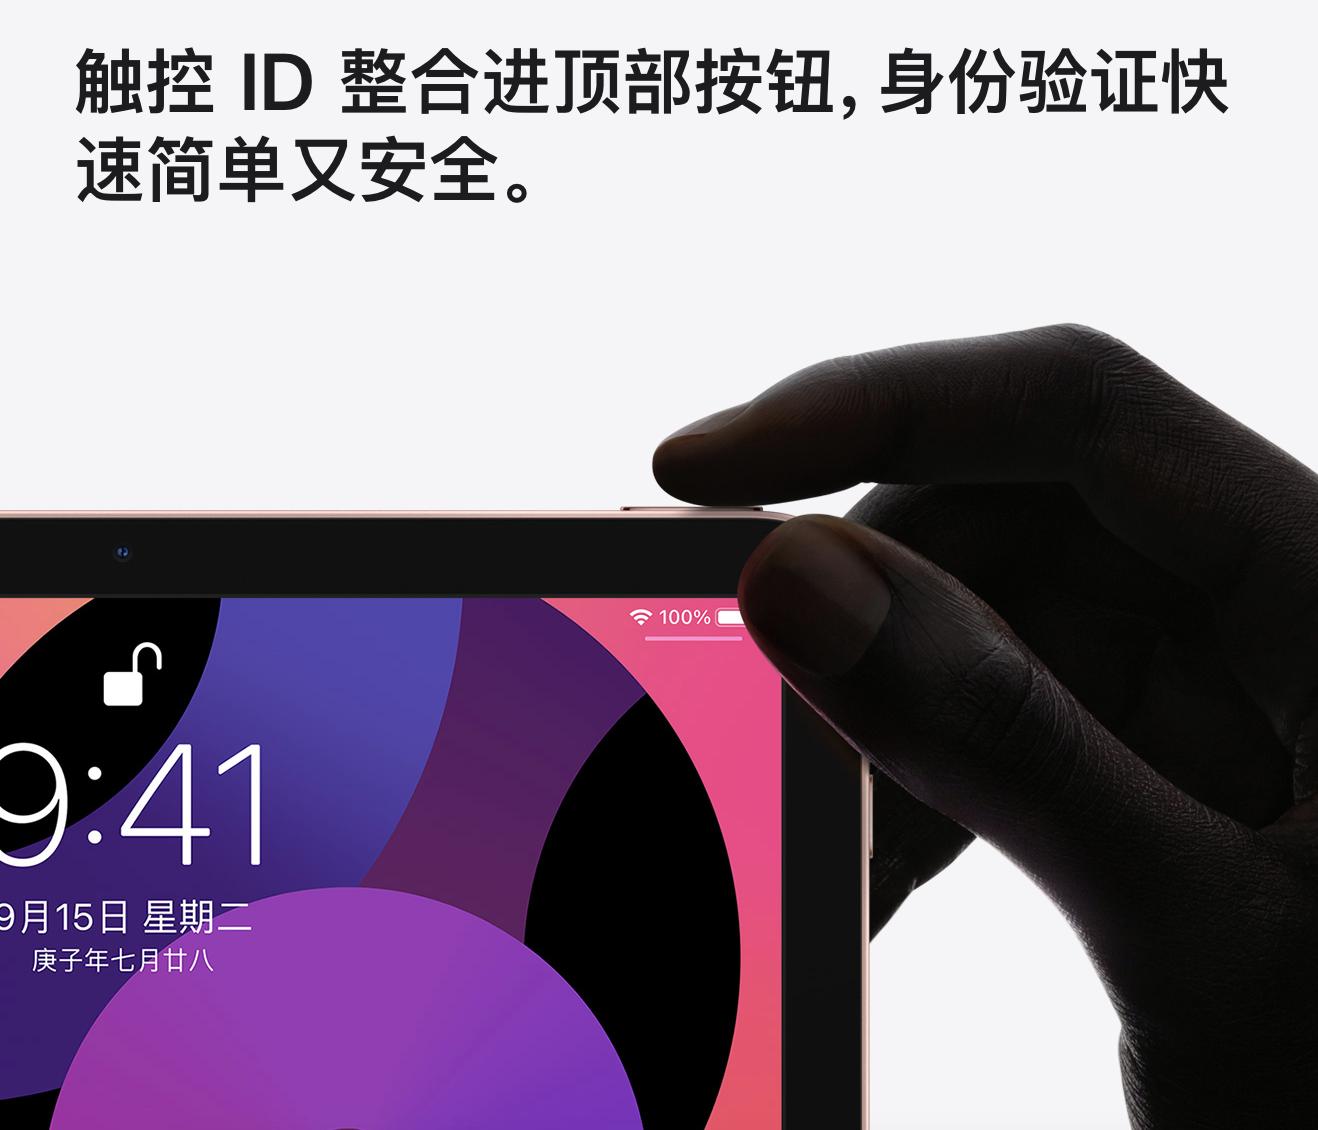 外媒曝光新iPadmini6照片,搭载屏下指纹和挖孔屏 数码科技 第1张